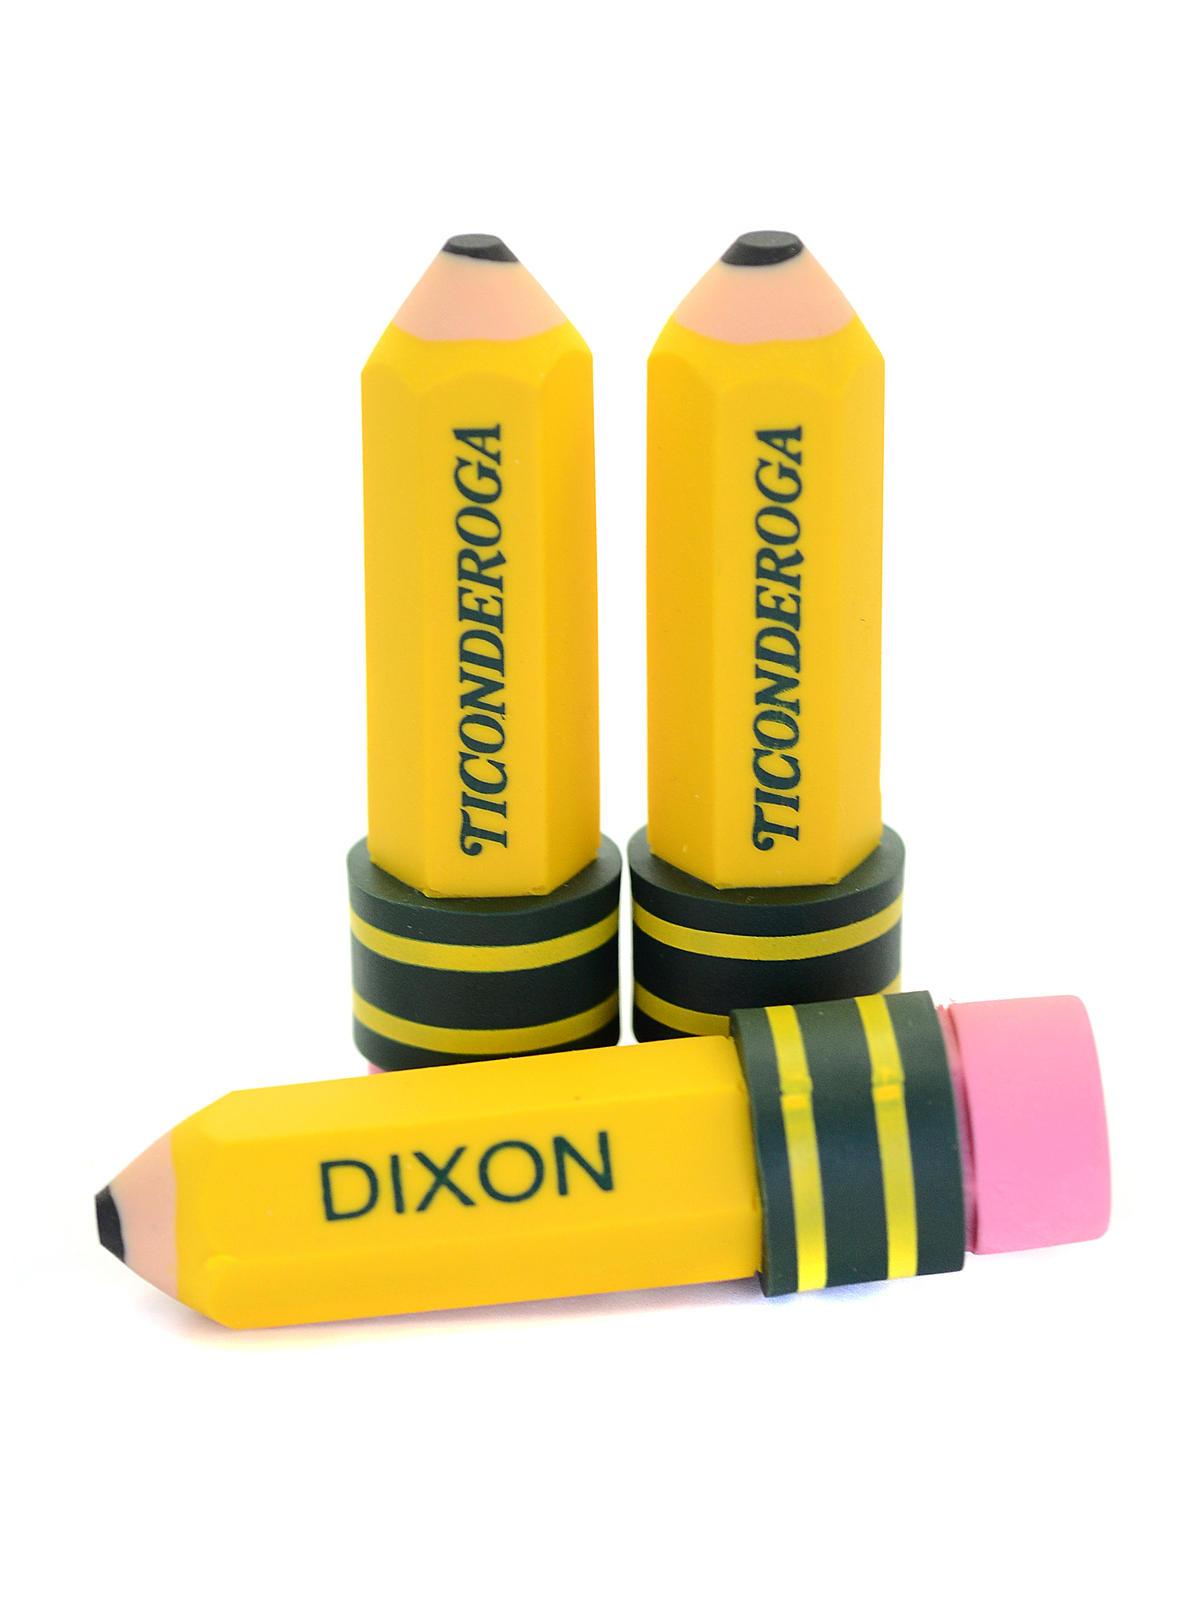 Dixon Ticonderoga Pencil Shaped Eraser Misterart Com